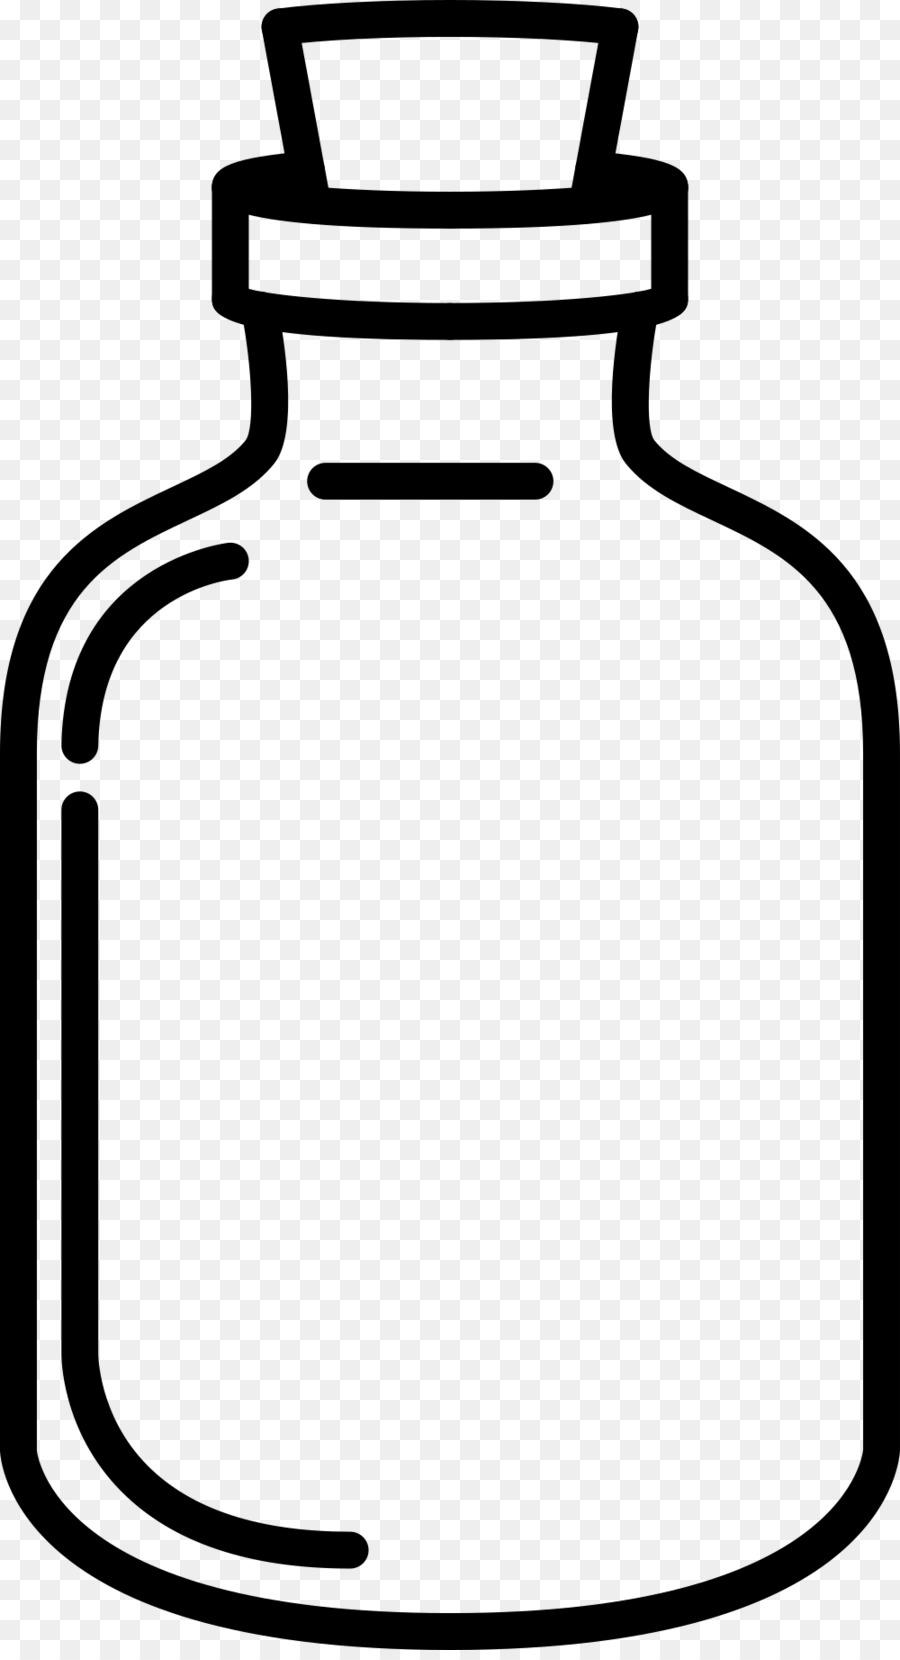 Mewarnai Gambar Botol : mewarnai, gambar, botol, Paling, Keren, Gambar, Botol, Kartun, Hitam, Putih, Blog's